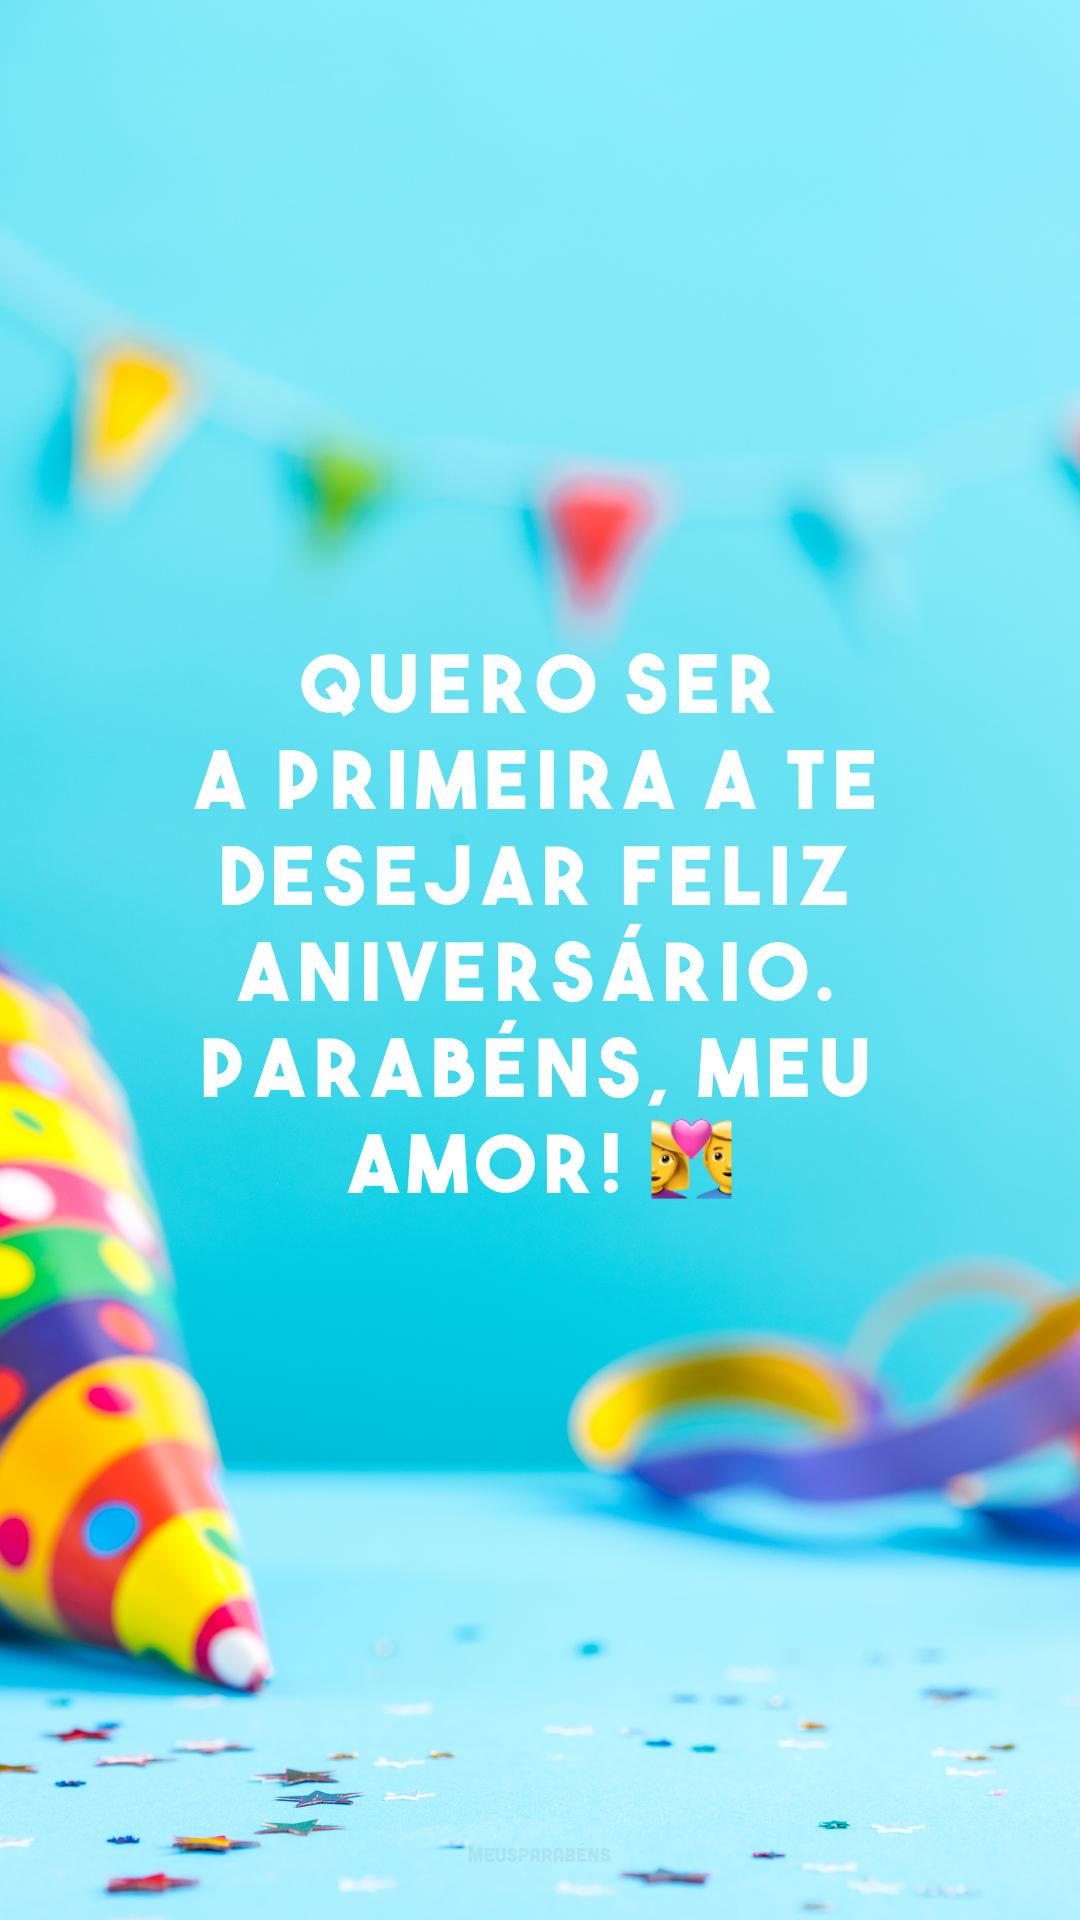 Quero ser a primeira a te desejar feliz aniversário. Parabéns, meu amor! 💑